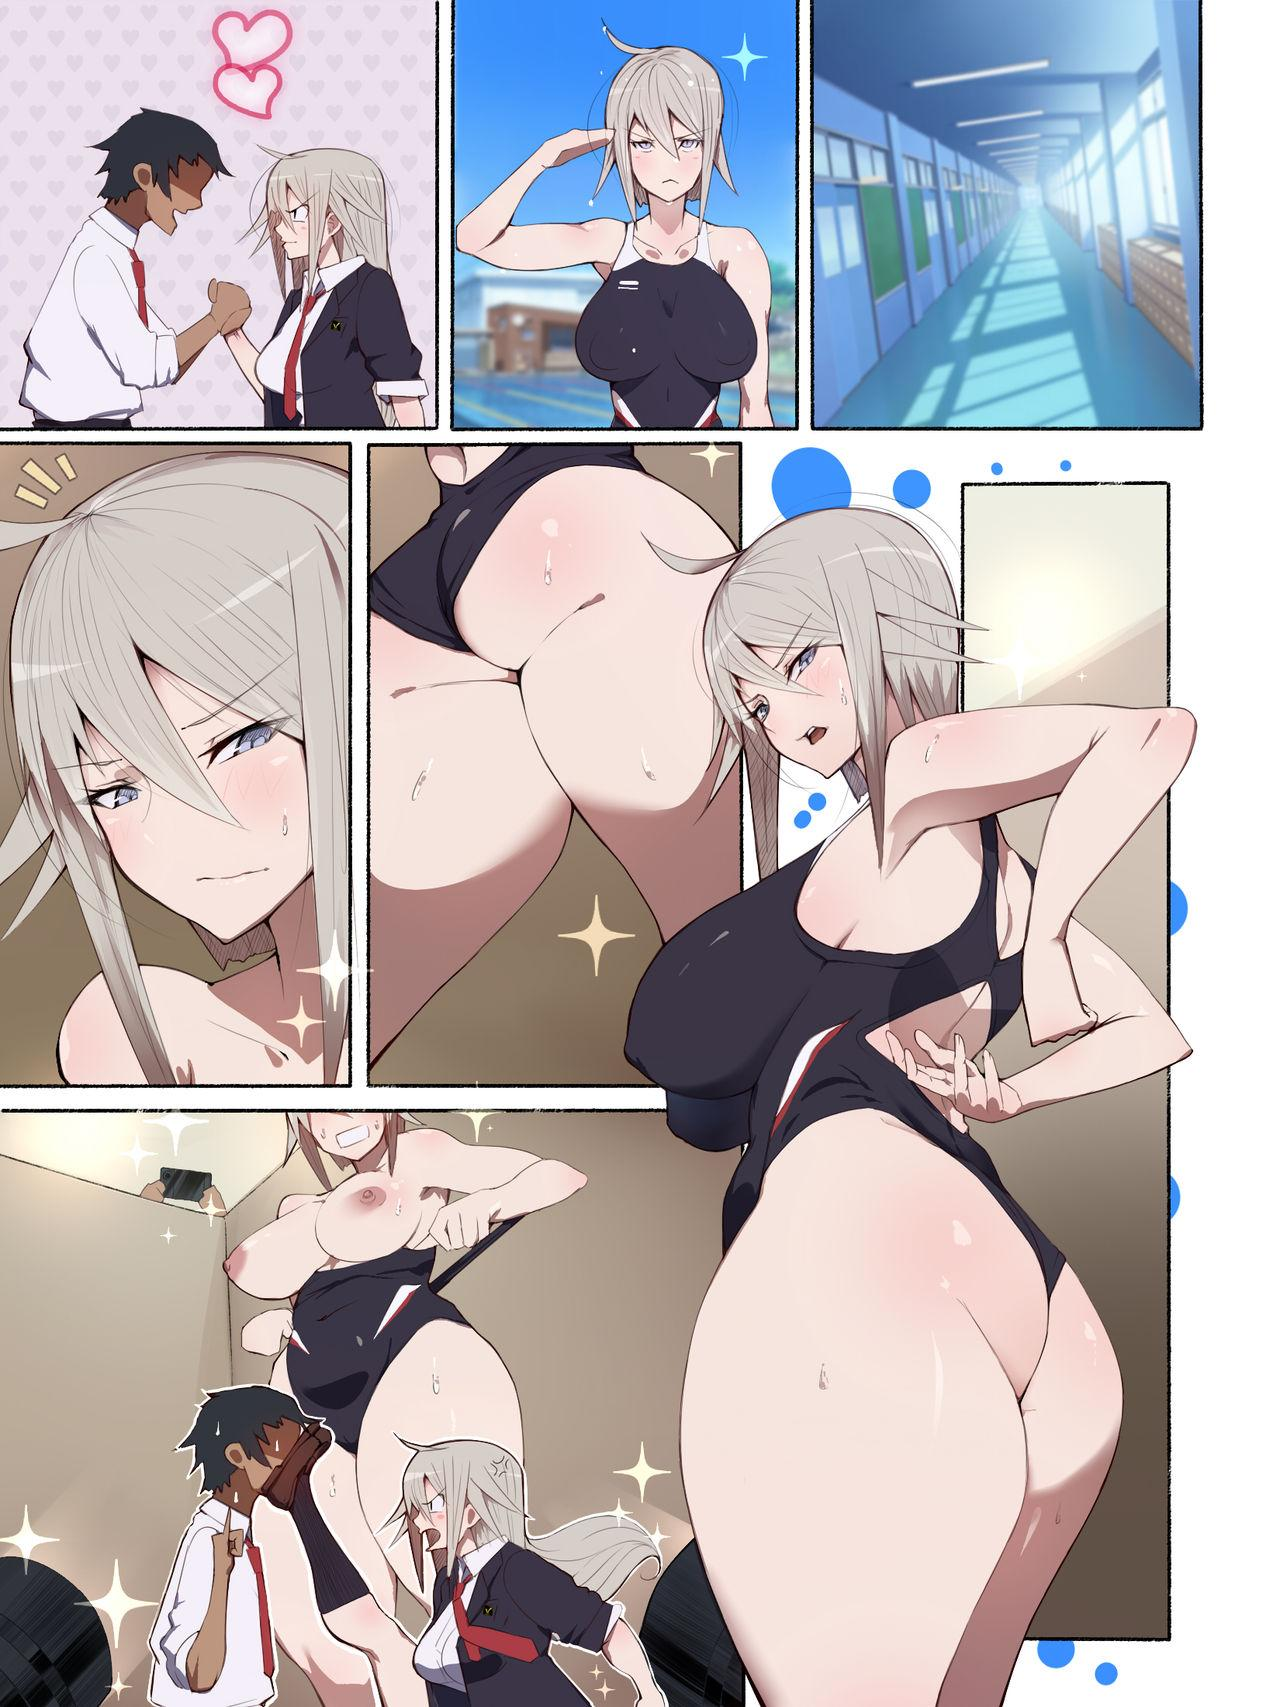 [Aikokusha (Agobitch Nee-san)] Seifuku Bishoujo 2gakki Ee!? Oshiri ni Koishiteru? Cheer Girl-chan to Dosukebe na Onnanoko-tachi dattee? 57